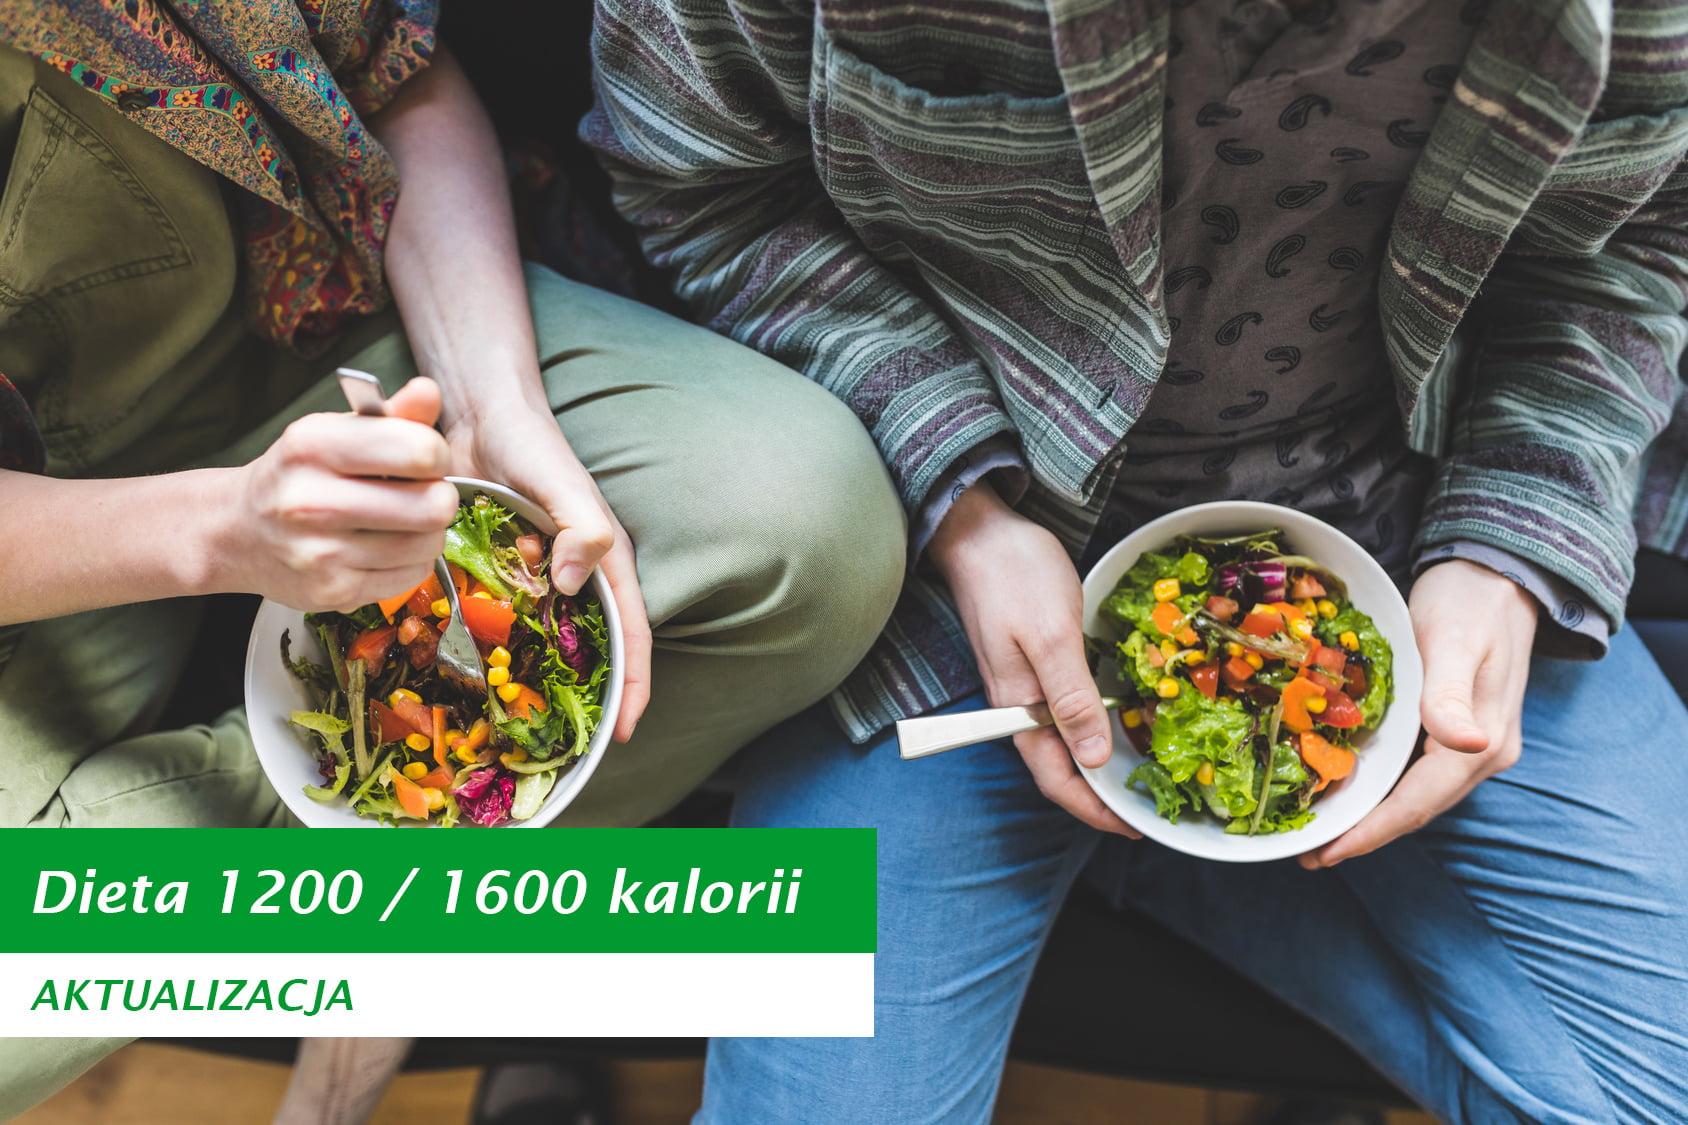 Nowa aktualizacja diety 1200/1600 kalorii